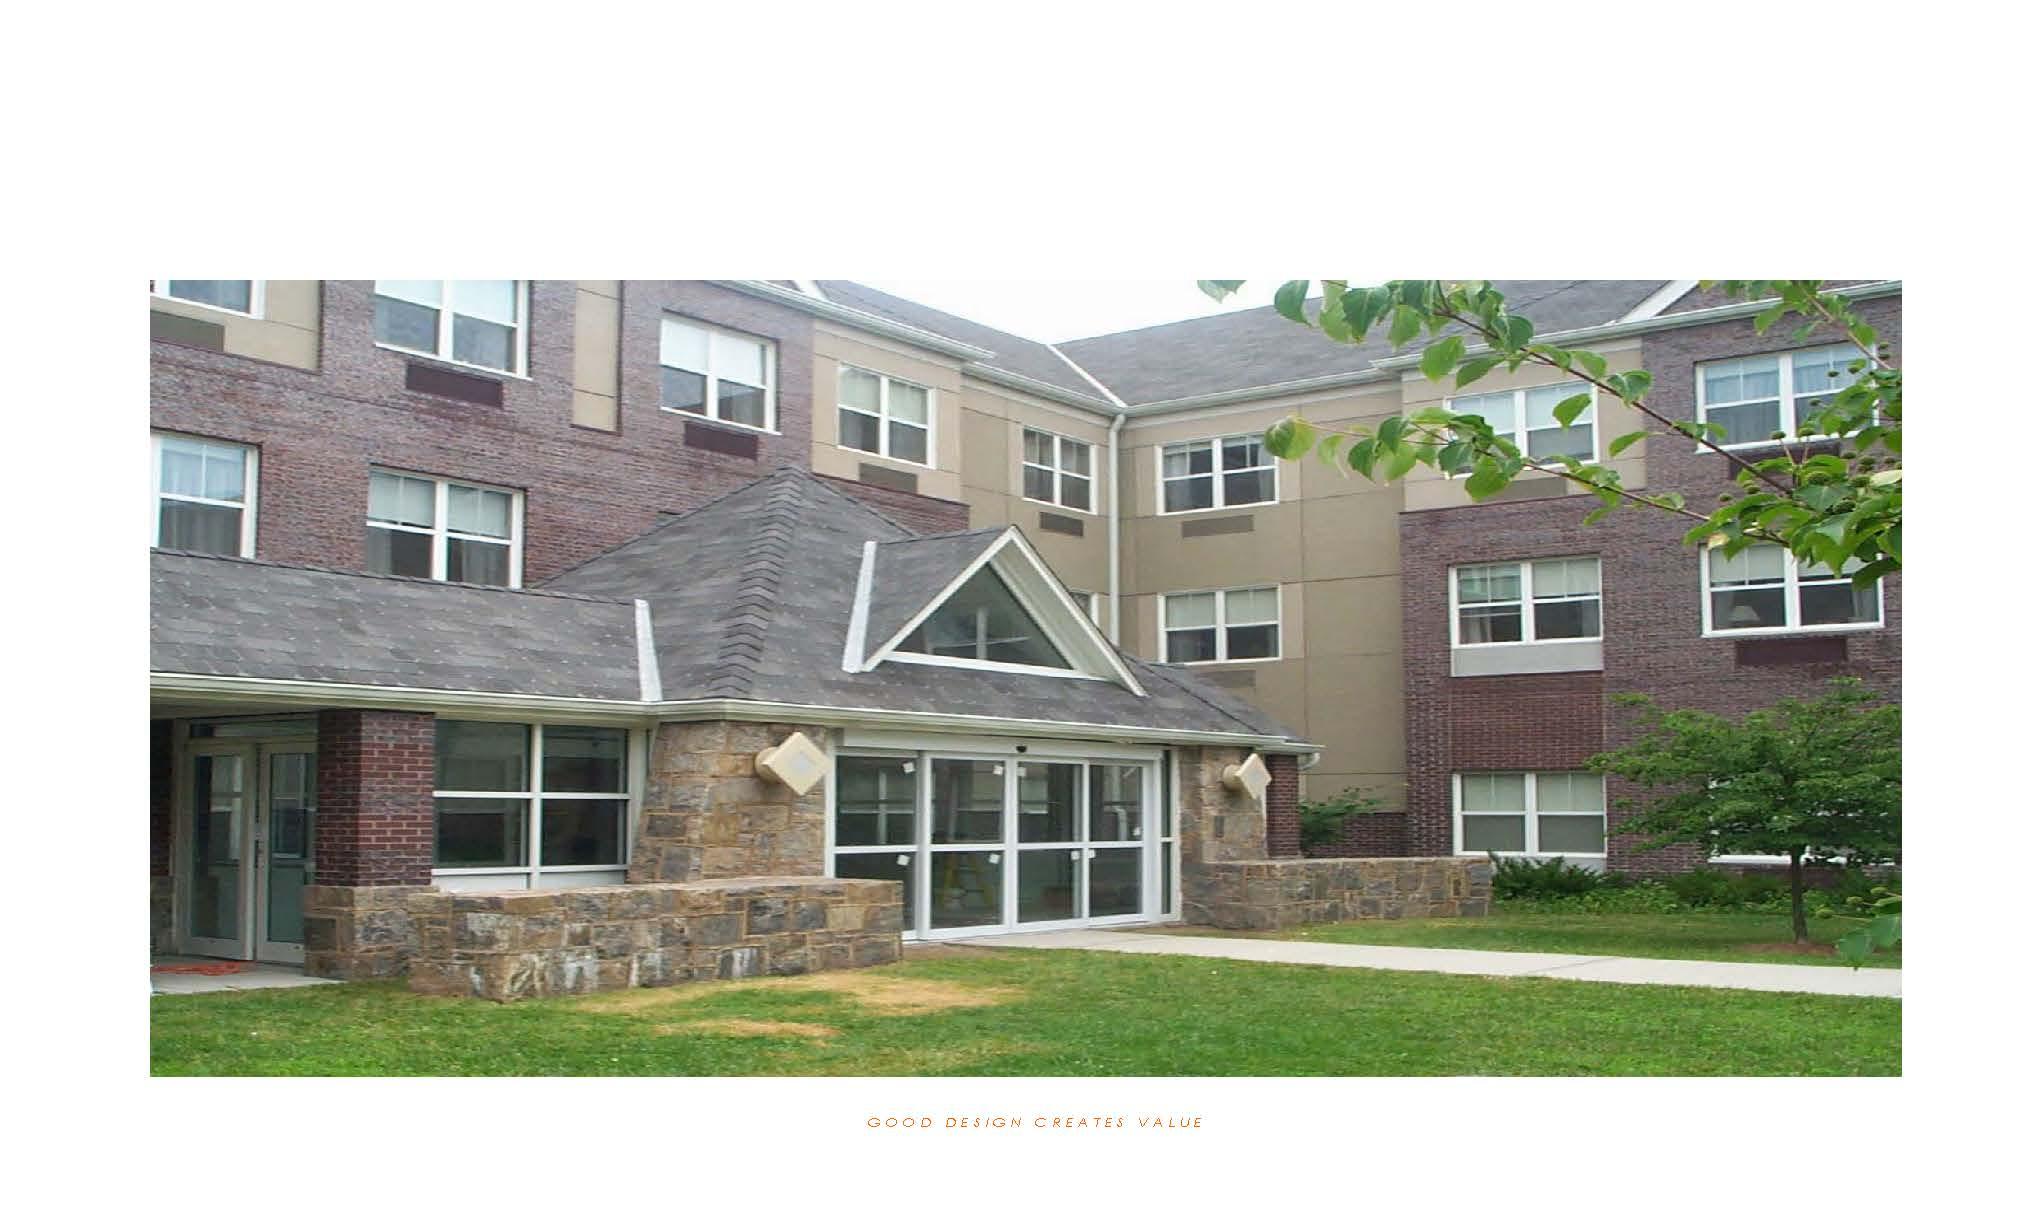 Senior housing yestadt architecture for Seniors house